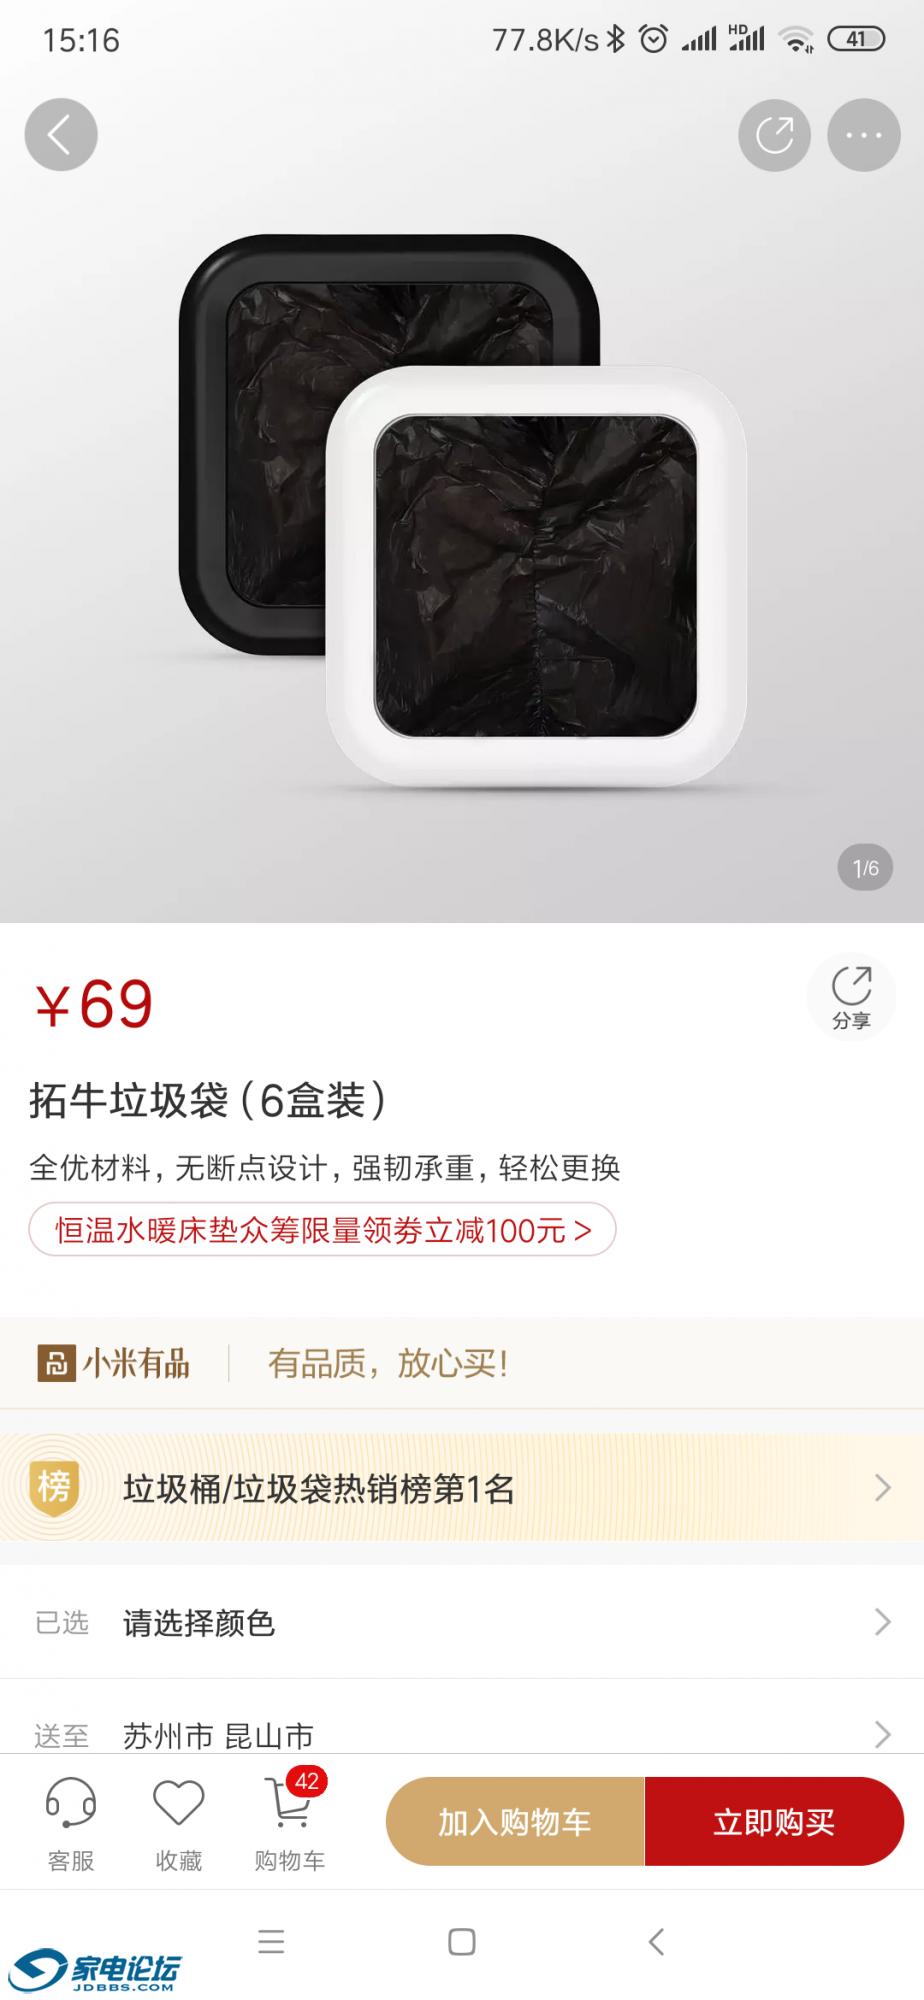 Screenshot_2019-10-18-15-16-38-352_com.xiaomi.smarthome.png